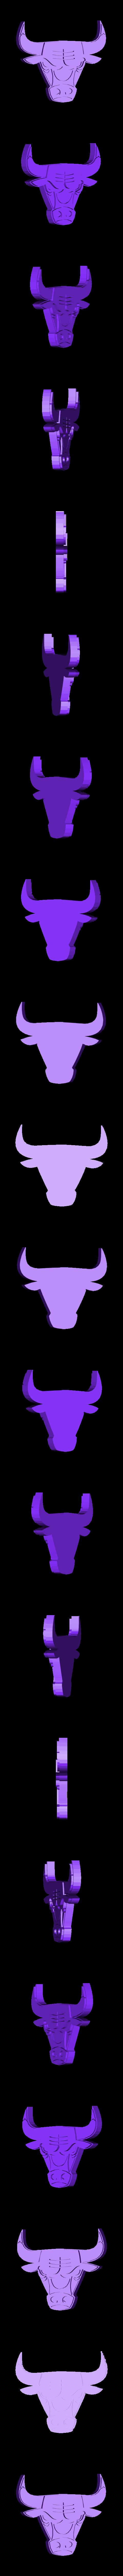 Chicago_Bulls_3D.stl Télécharger fichier STL gratuit Logo Chicago Bulls • Modèle pour imprimante 3D, CSD_Salzburg